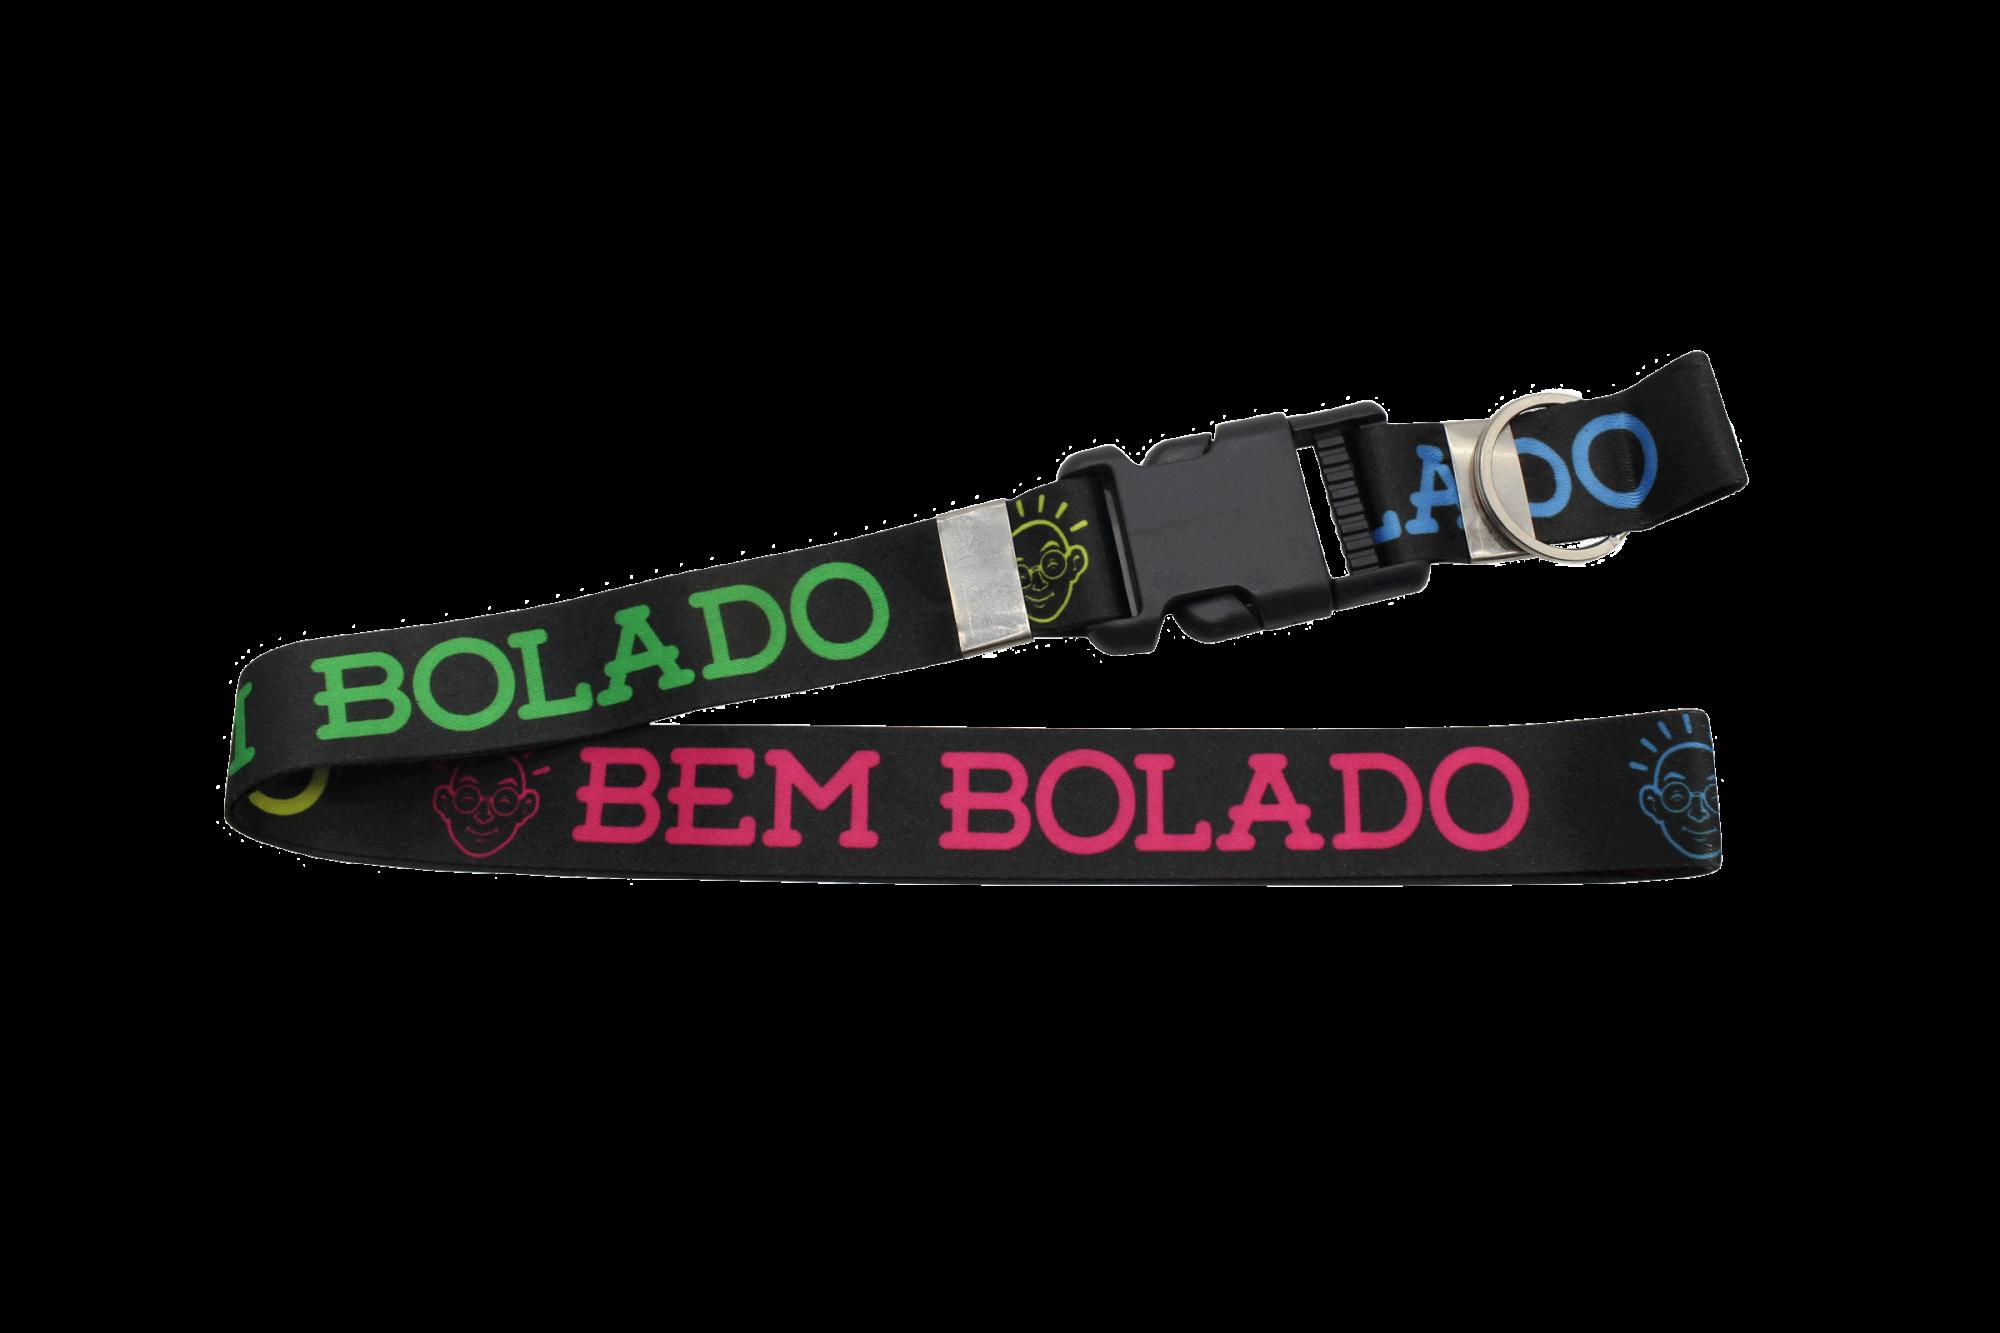 CORDAO CHAVEIRO BEM BOLADO